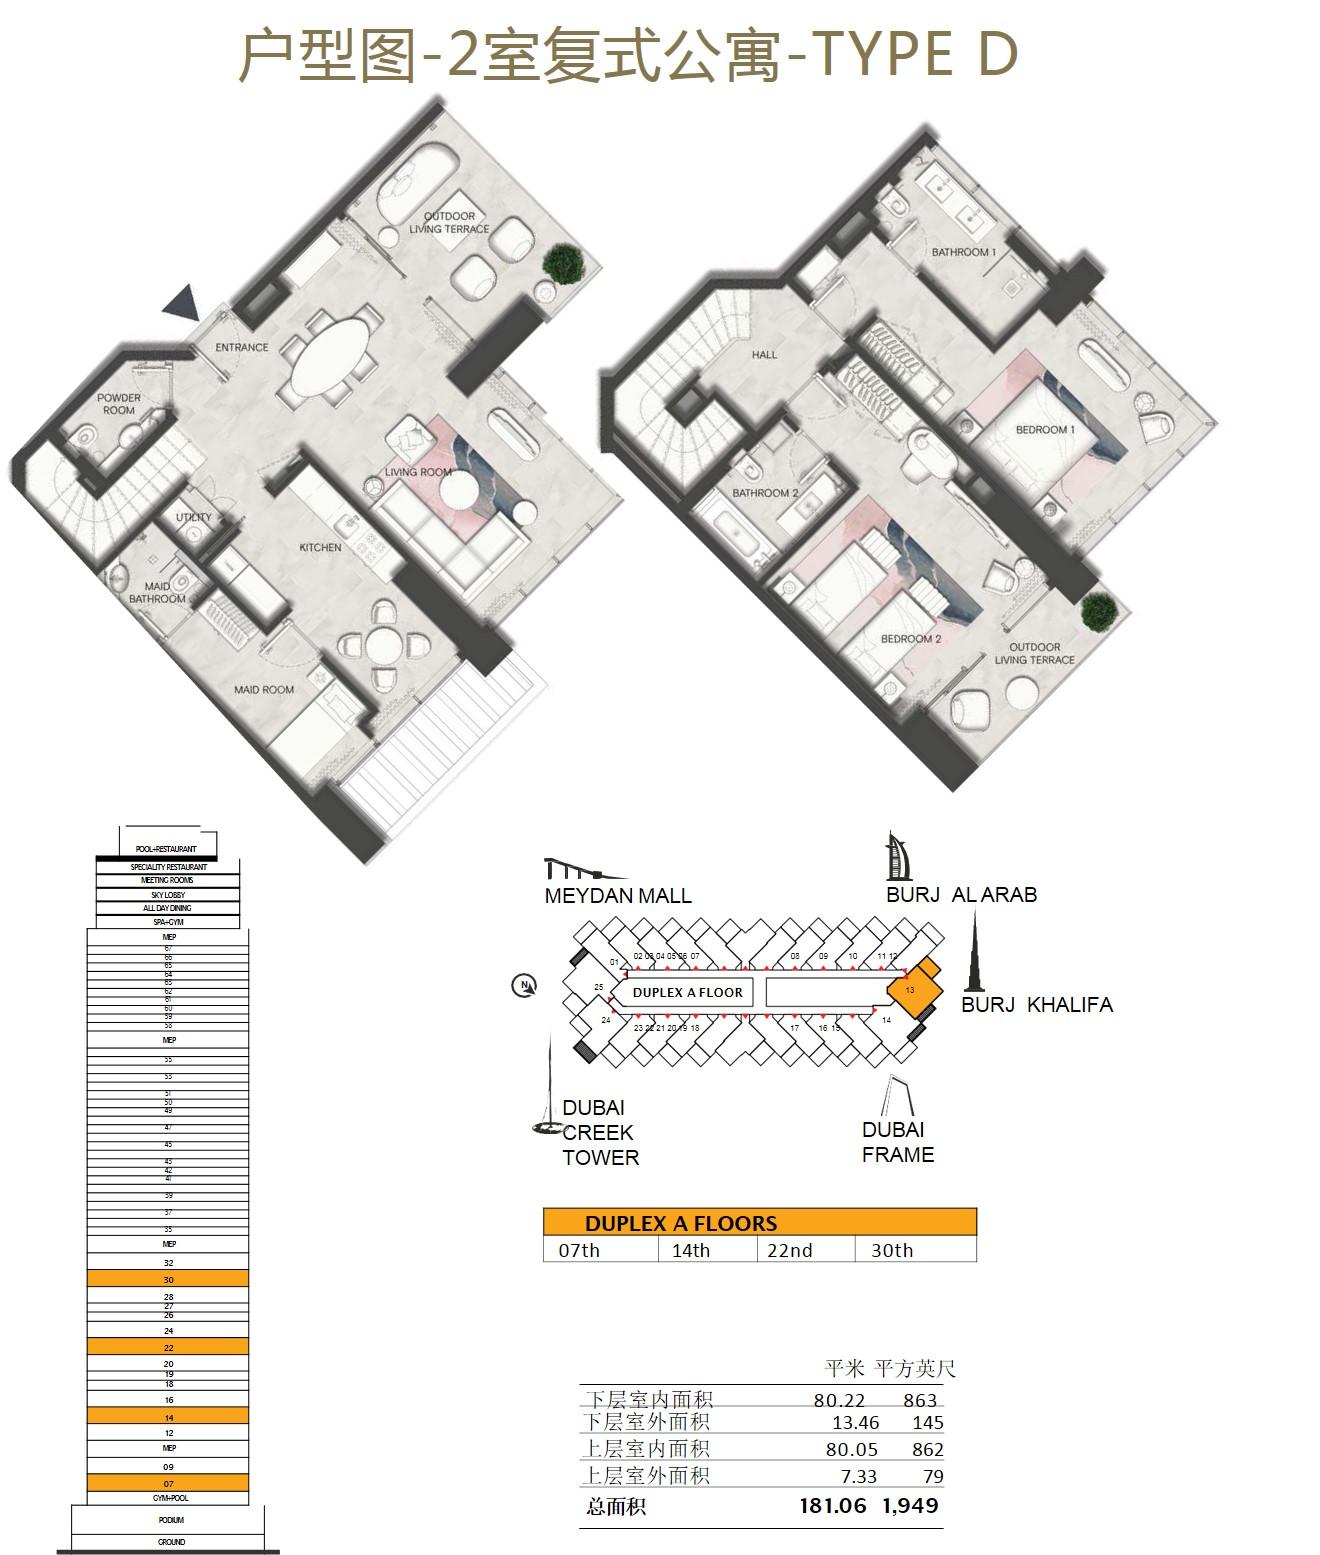 迪拜公寓,杜拜公寓,投資迪拜,投資杜拜,迪拜樓價,杜拜樓價,投資杜拜豪宅,投資迪拜豪宅, Investing Dubai Property, Investing in Dubai Property